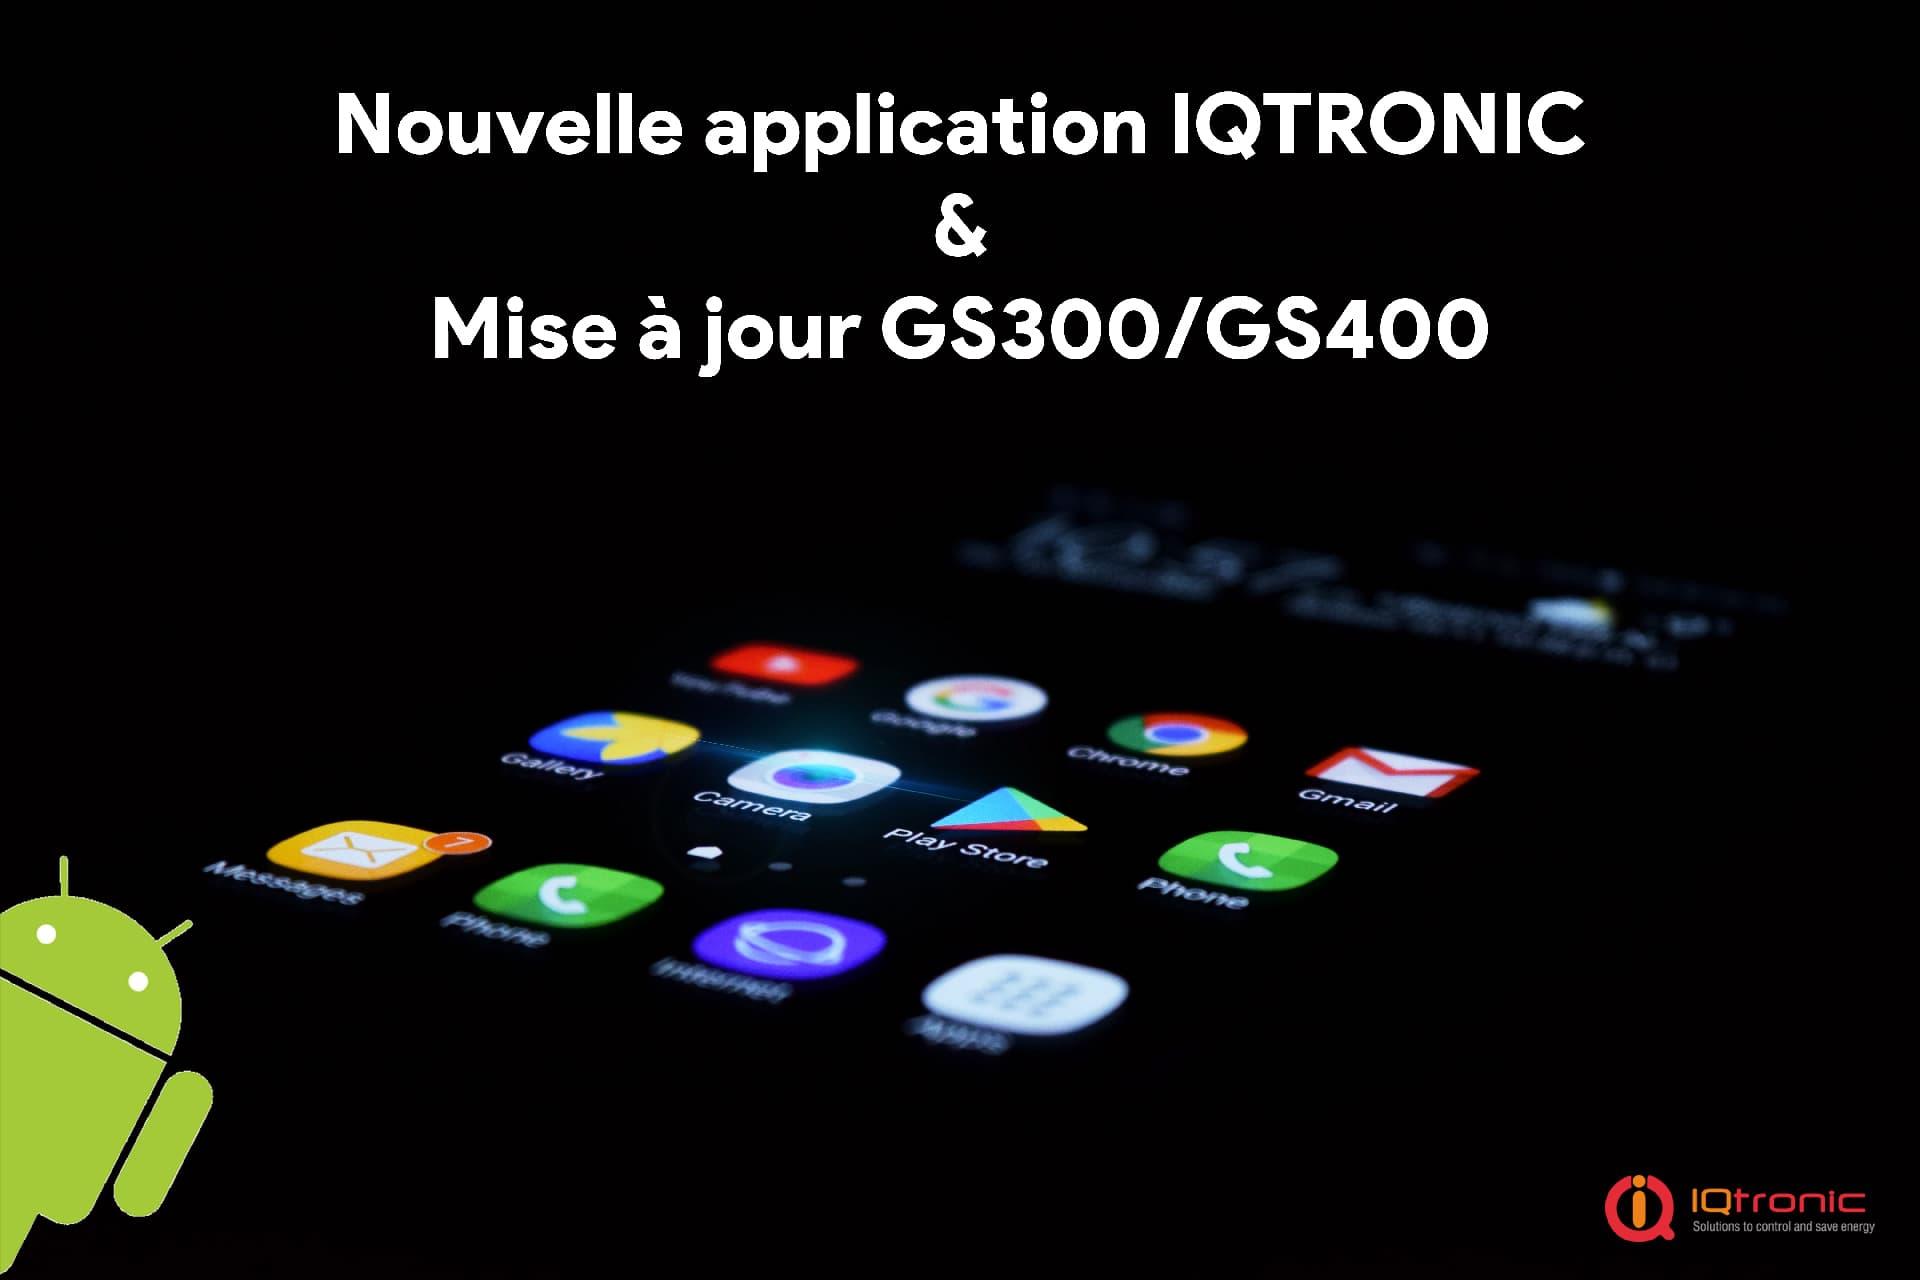 Nouvelle application et mise à jour des IQTronic : GS400 et GS300